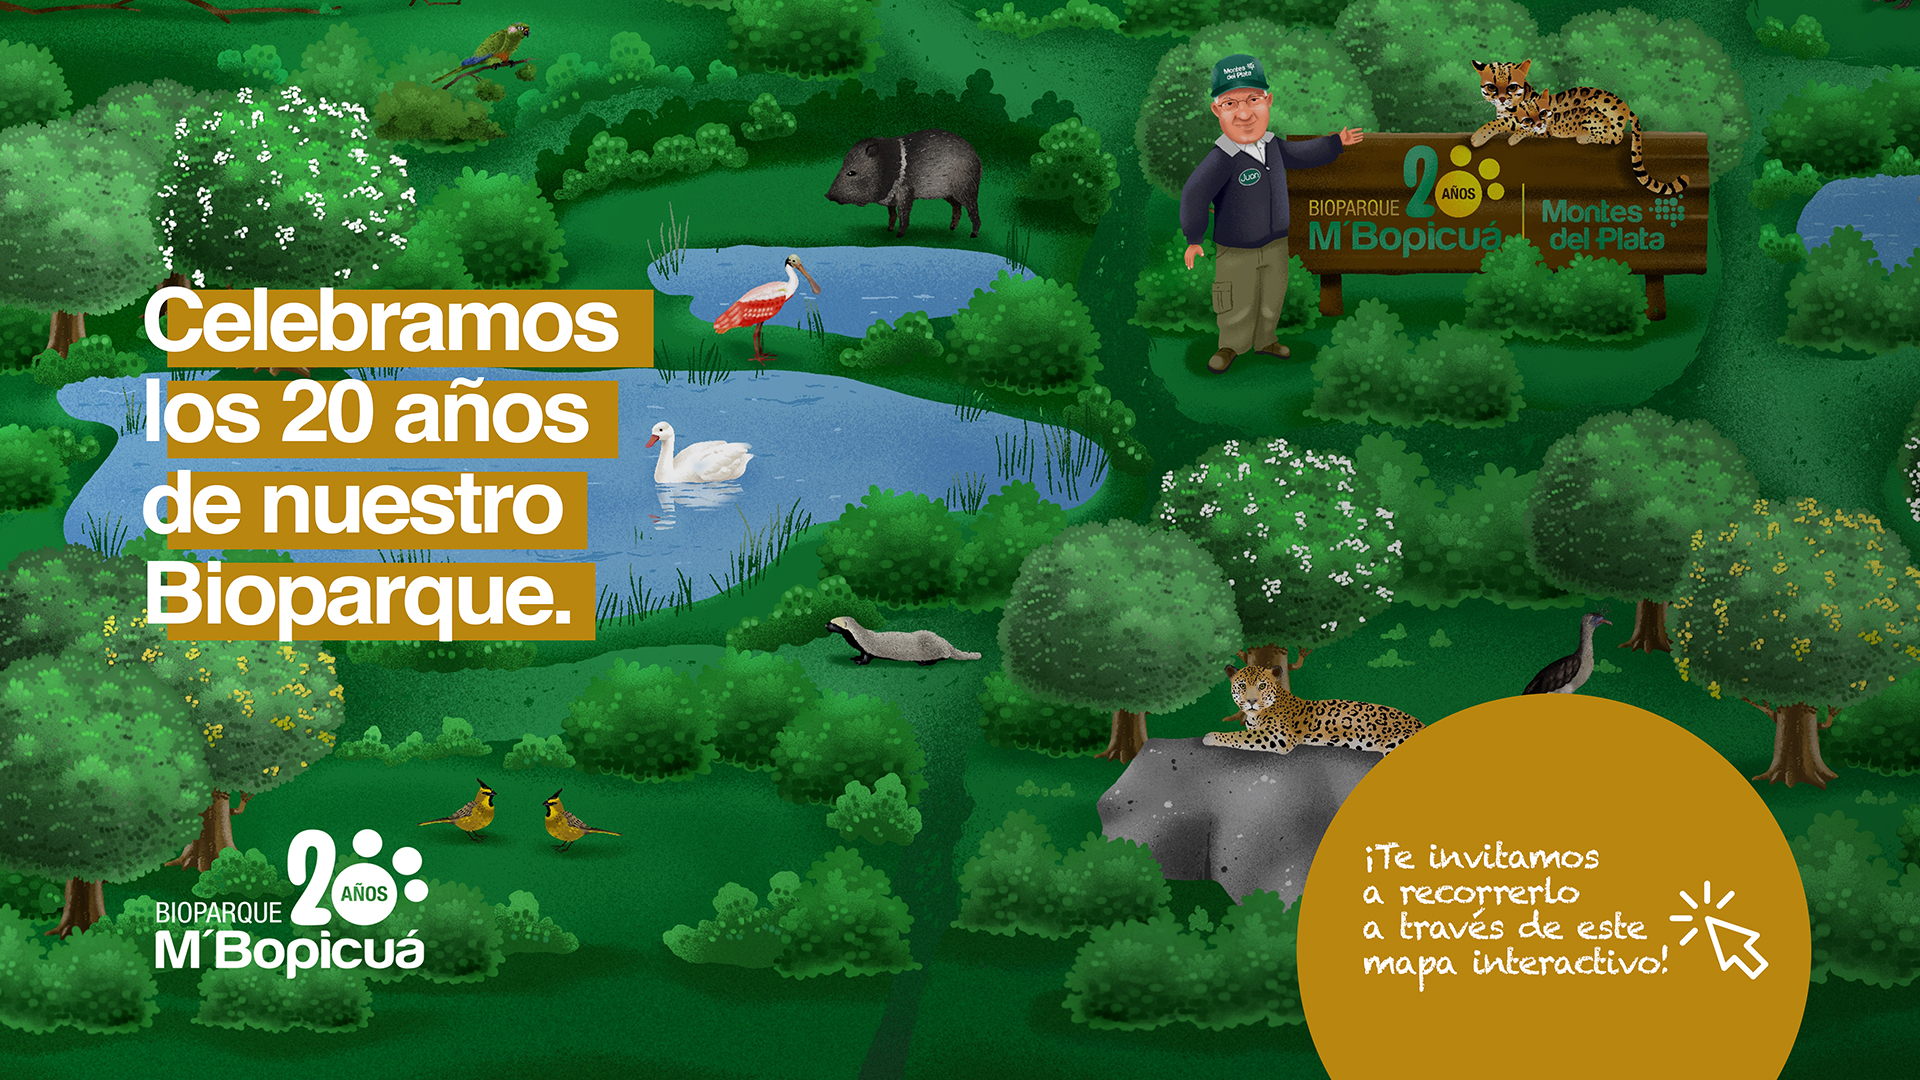 Montes del Plata celebra los 20 años de su Bioparque M'Bopicuá con una campaña de sensibilización sobre fauna autóctona